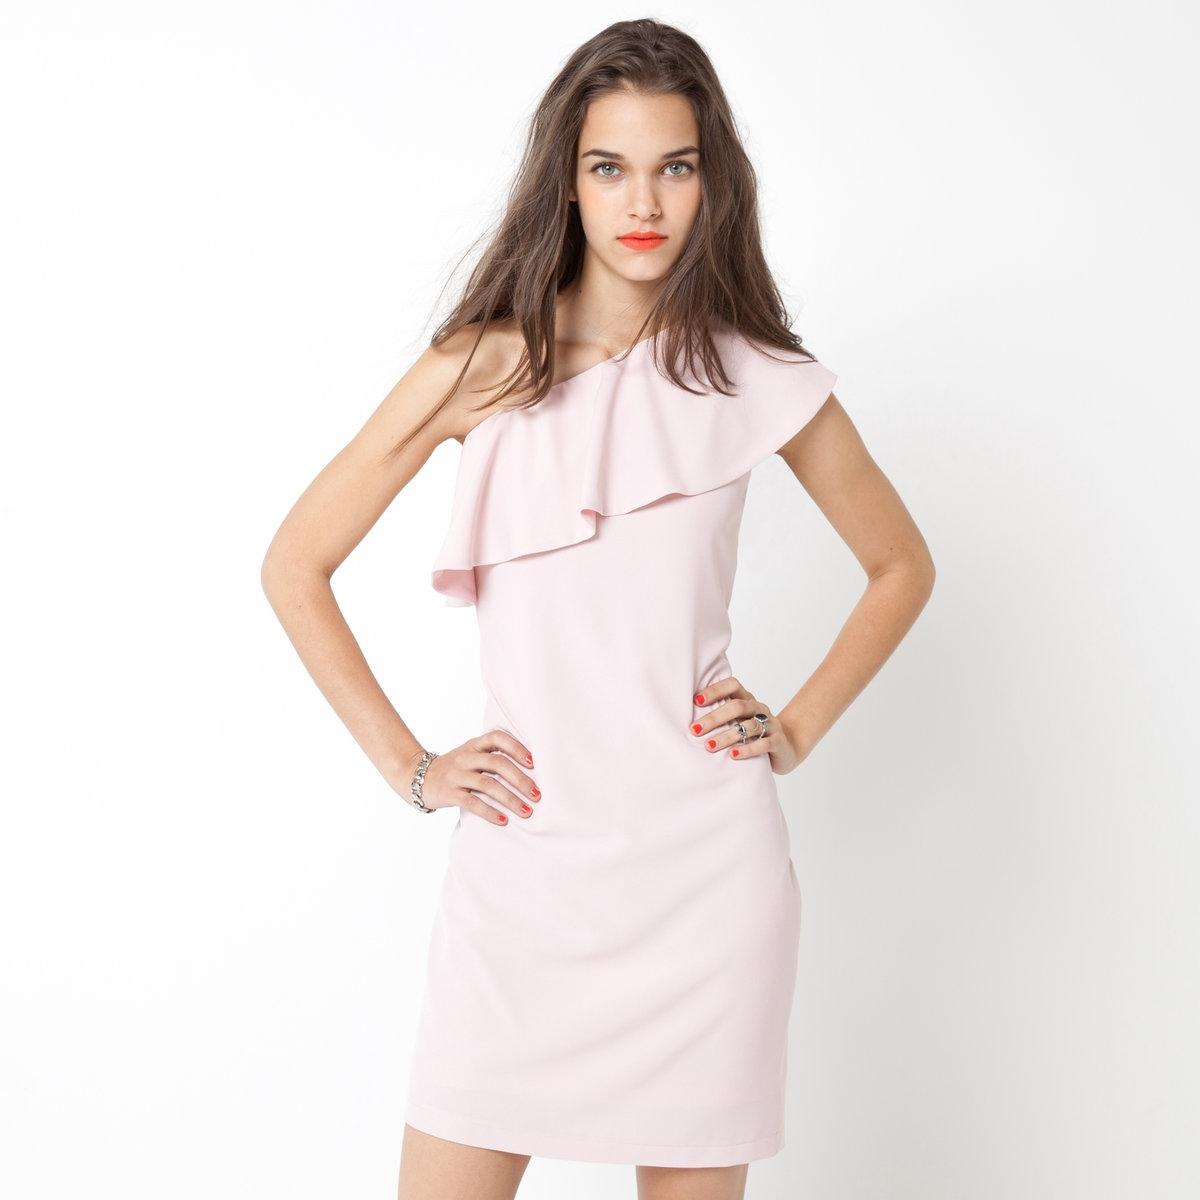 Платье асимметричноеАсимметричное платье из струящегося материала, 100% полиэстера. Воланы спереди. Застежка на молнию сбоку. Длина ок.90 см.<br><br>Цвет: розовый<br>Размер: 40 (FR) - 46 (RUS).42 (FR) - 48 (RUS)